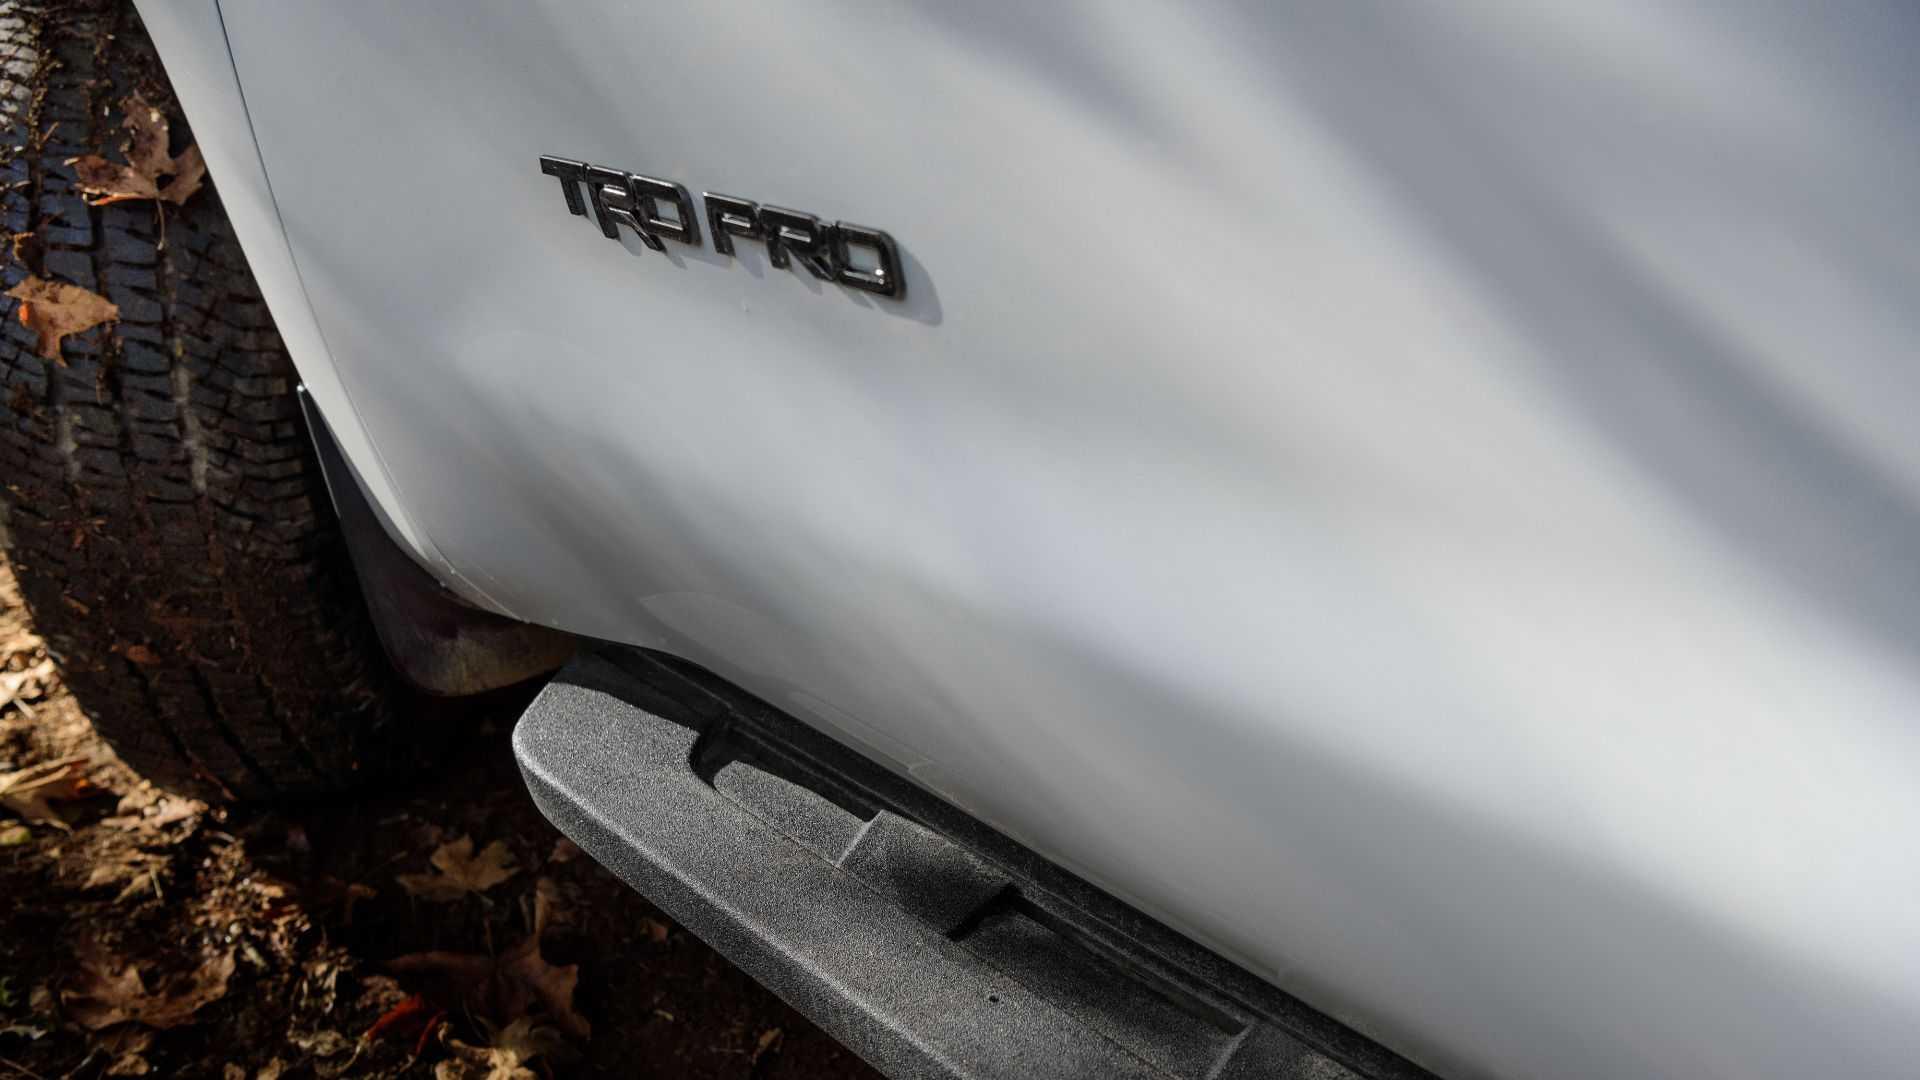 2020-toyota-sequoia-trd-pro (7)